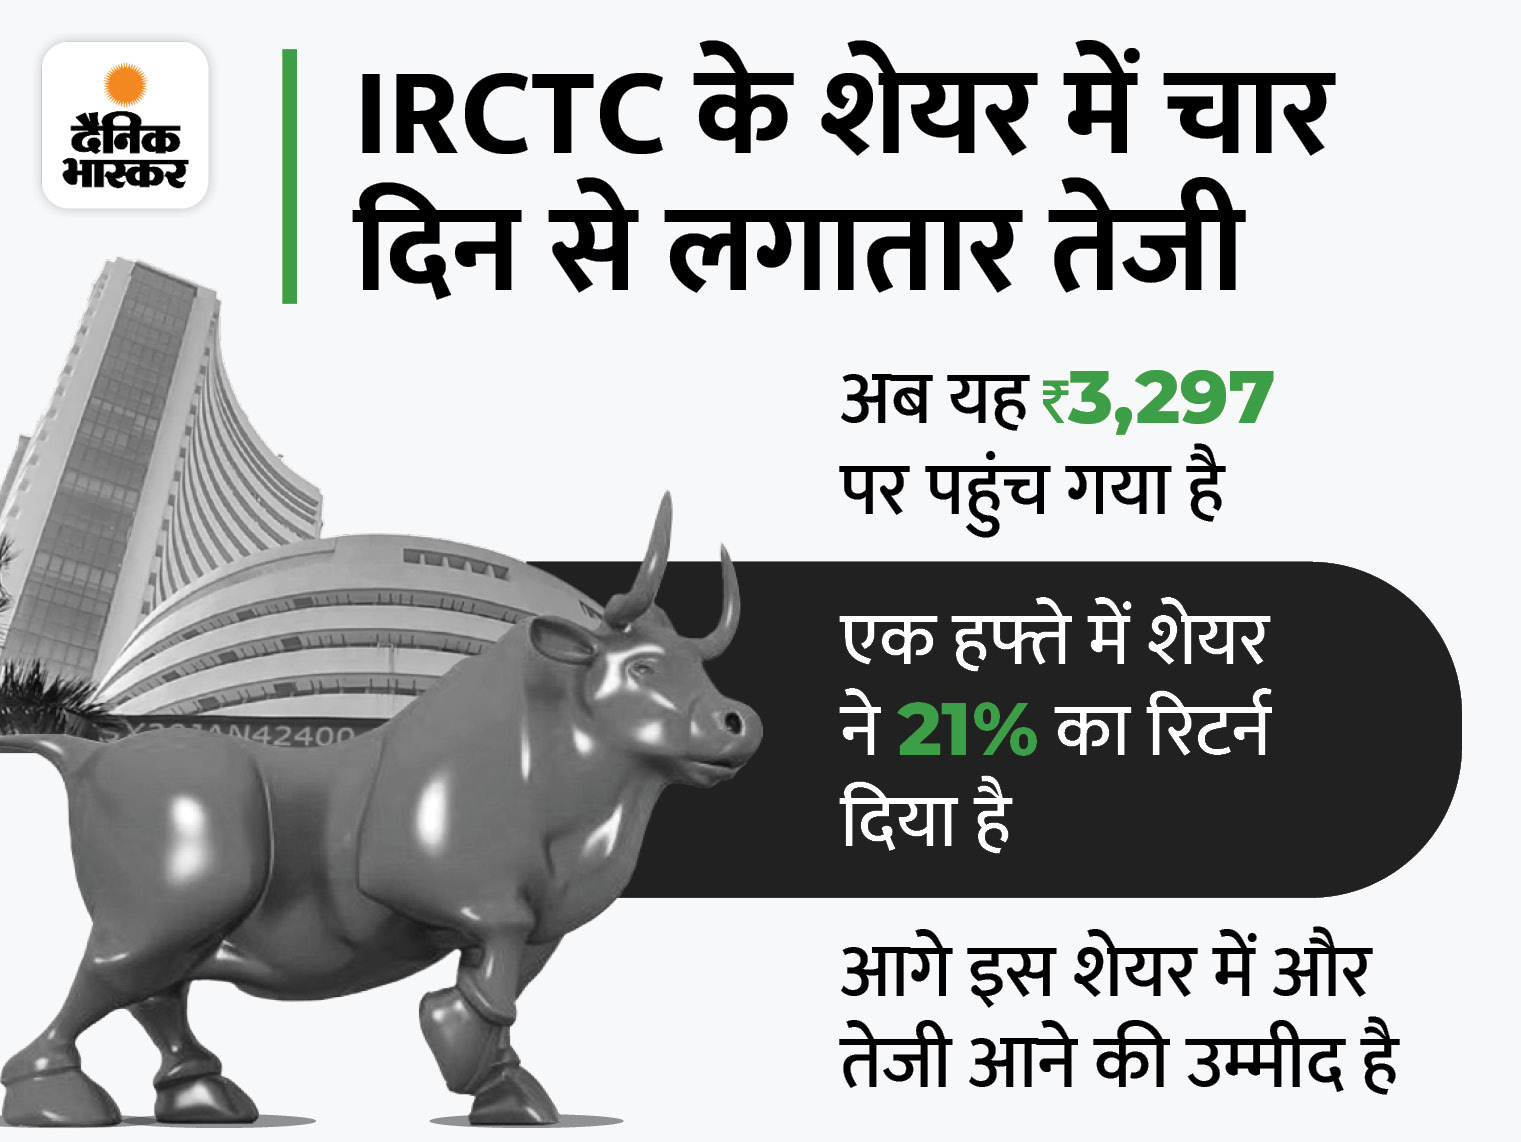 IRCTC का शेयर आज 9% बढ़कर 3,300 रुपए के करीब पहुंचा, मार्केट कैप 52 हजार करोड़ रुपए हुआ|बिजनेस,Business - Dainik Bhaskar